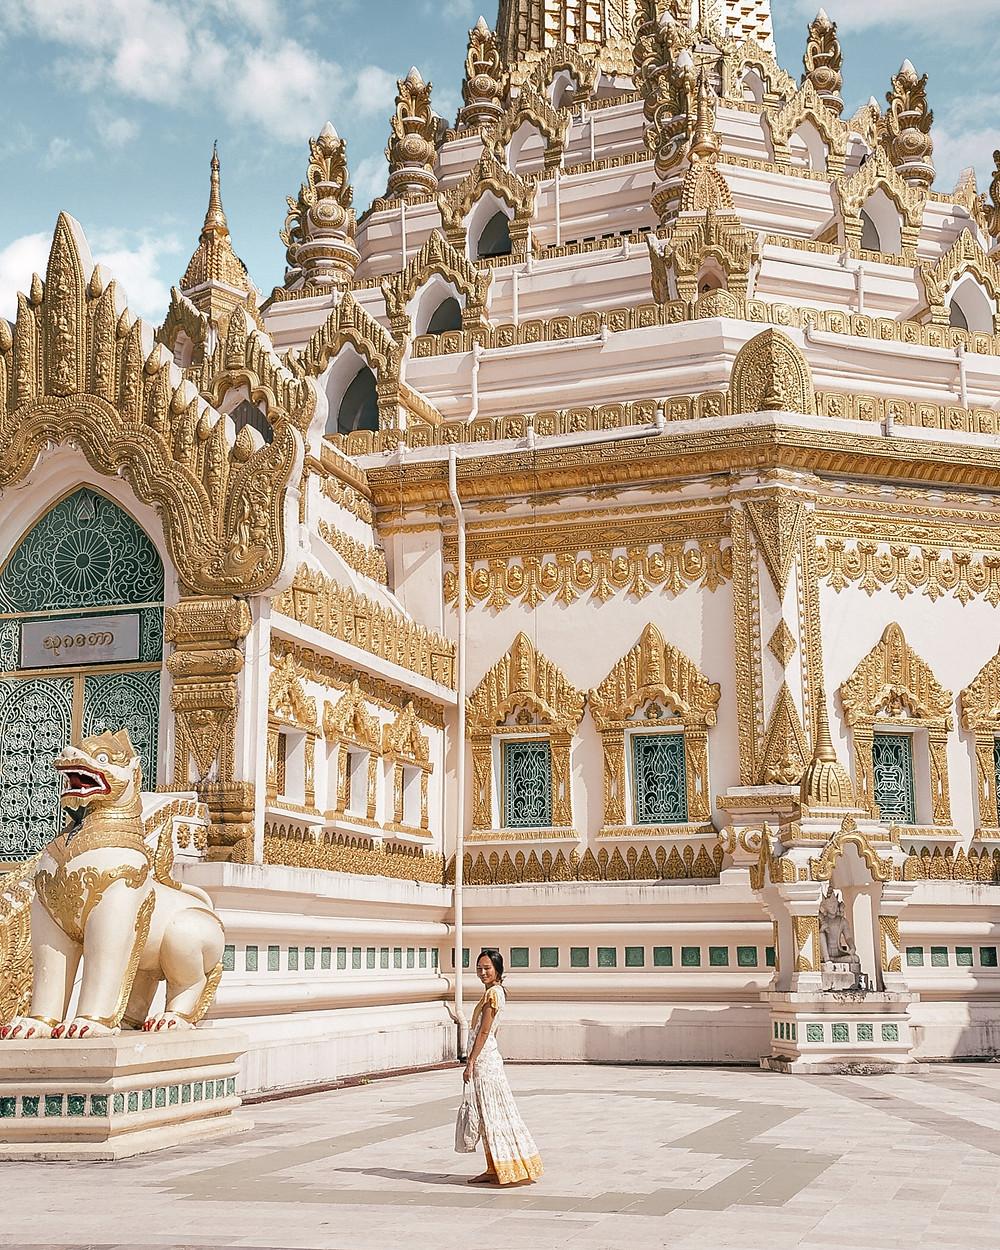 Swe Taw Myat Pagoda, Yangon, Myanmar